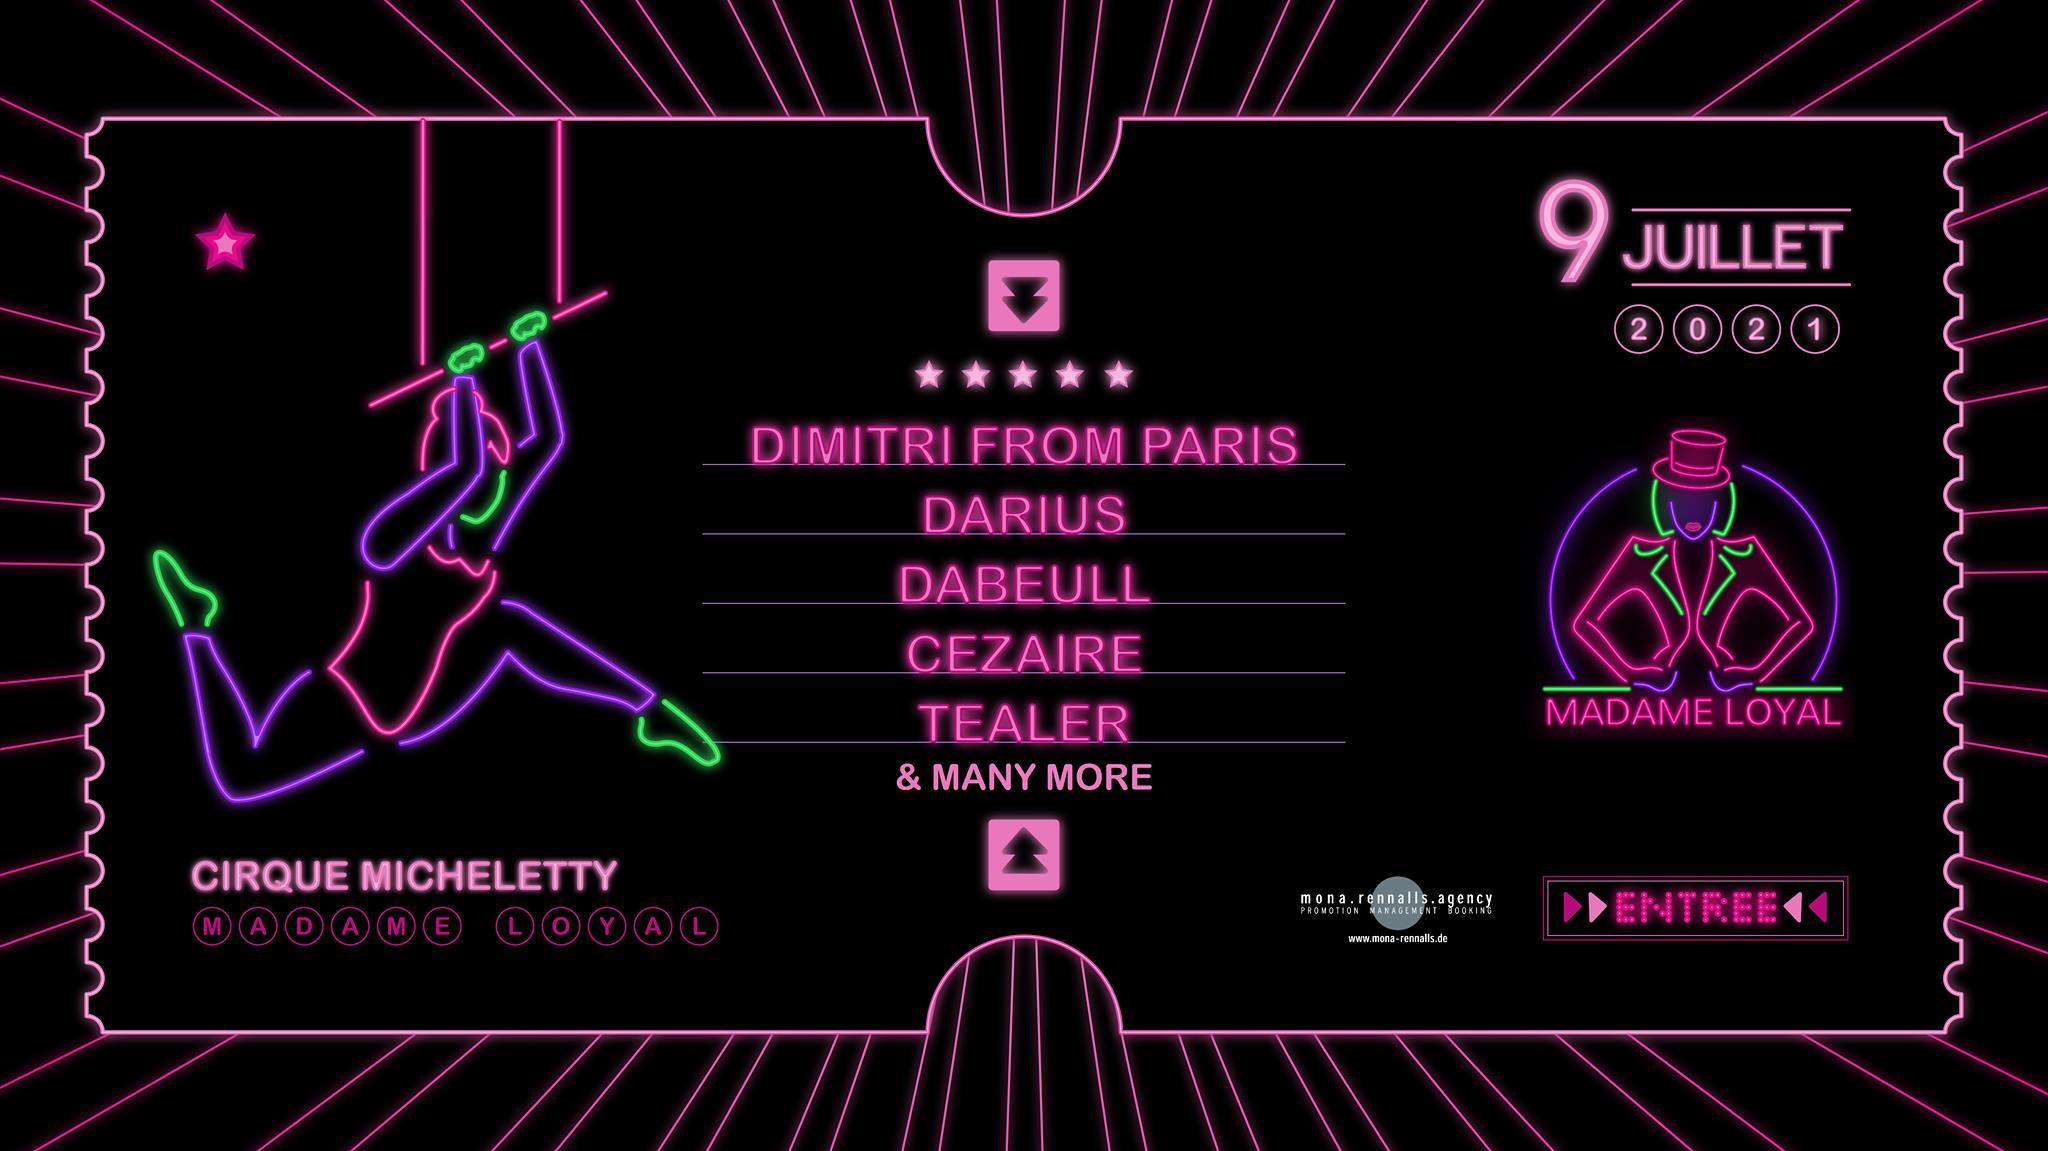 Madame Loyal : Dimitri from Paris, Darius, Dabeull, Cezaire & more